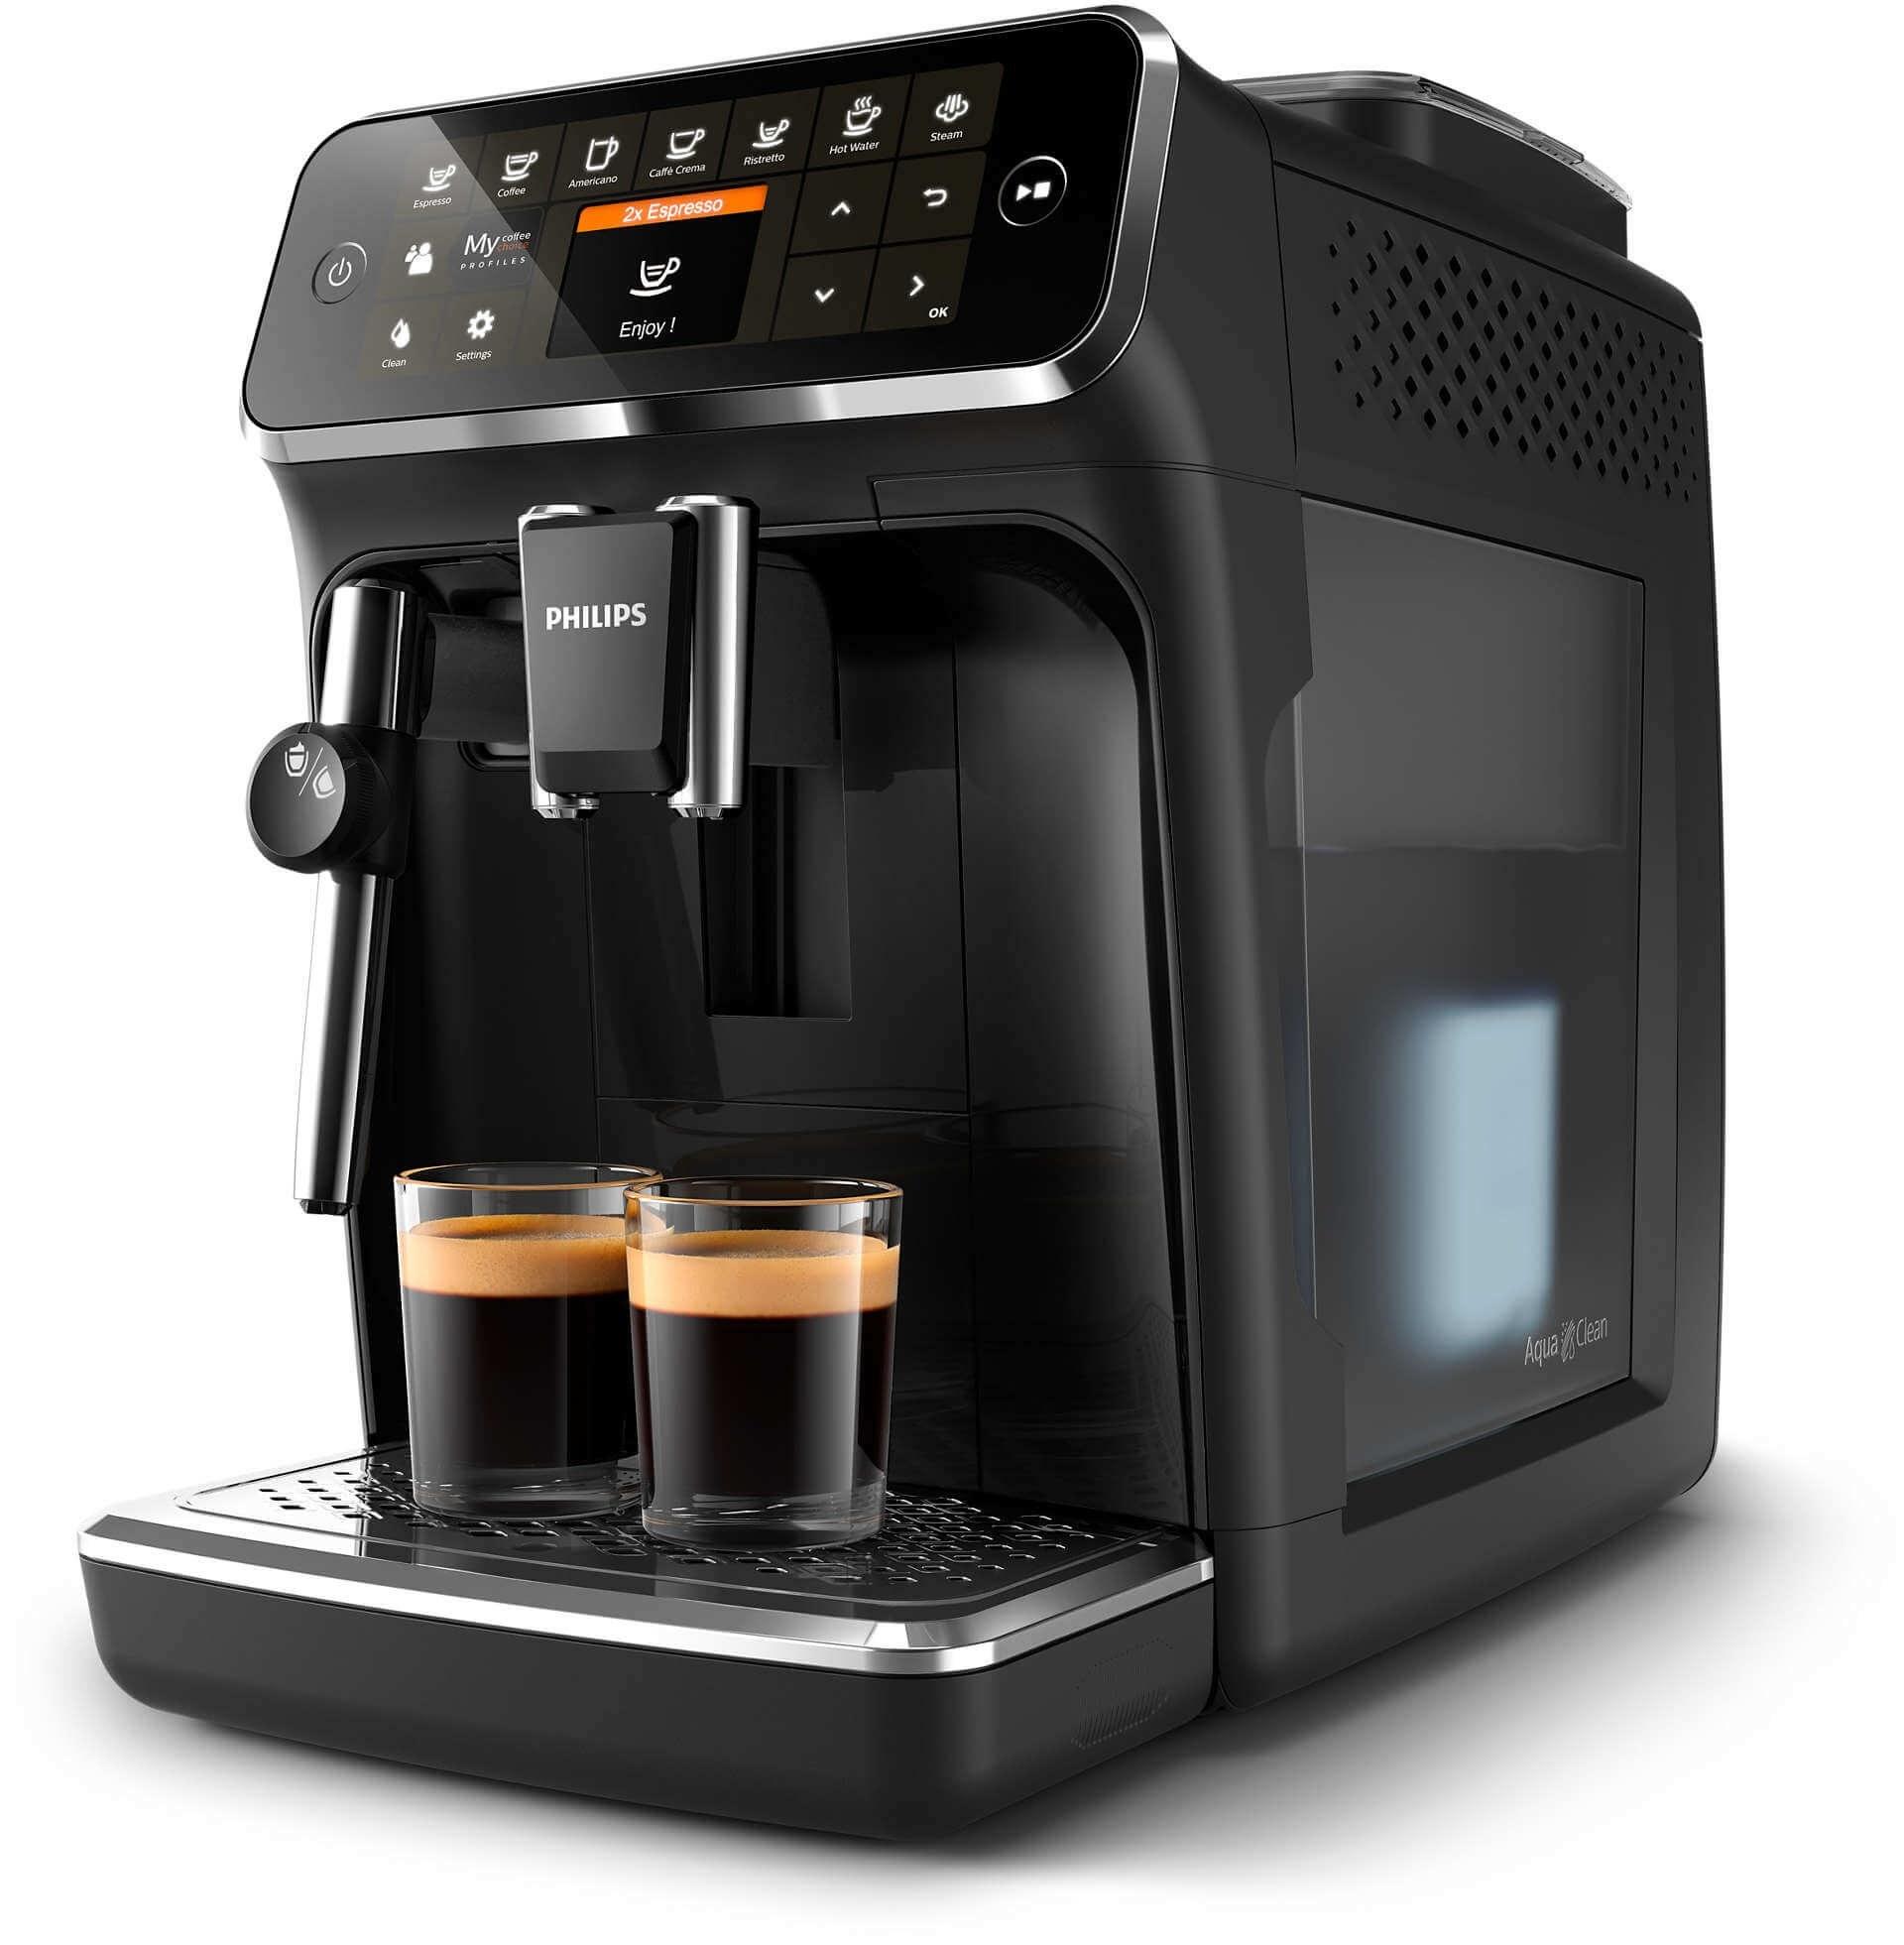 تصویر اسپرسو ساز فیلیپس هلند Philips Kaffeevollautomat 4300 Series EP4321/50